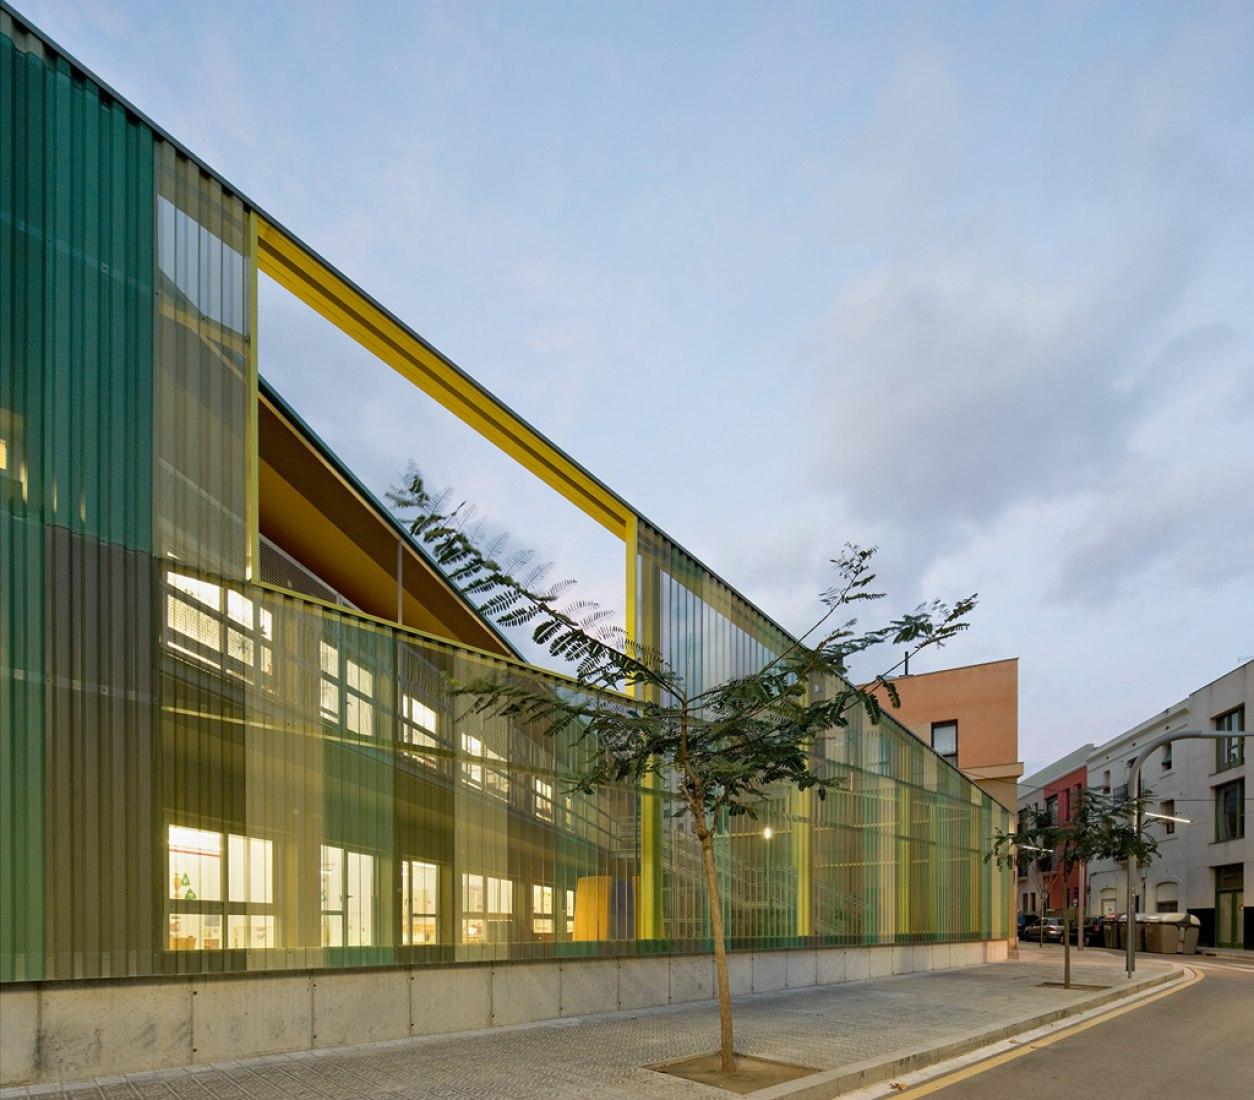 Guardería Xiroi por Espinet/Ubach arquitectes. Fotografía © Pegenaute.